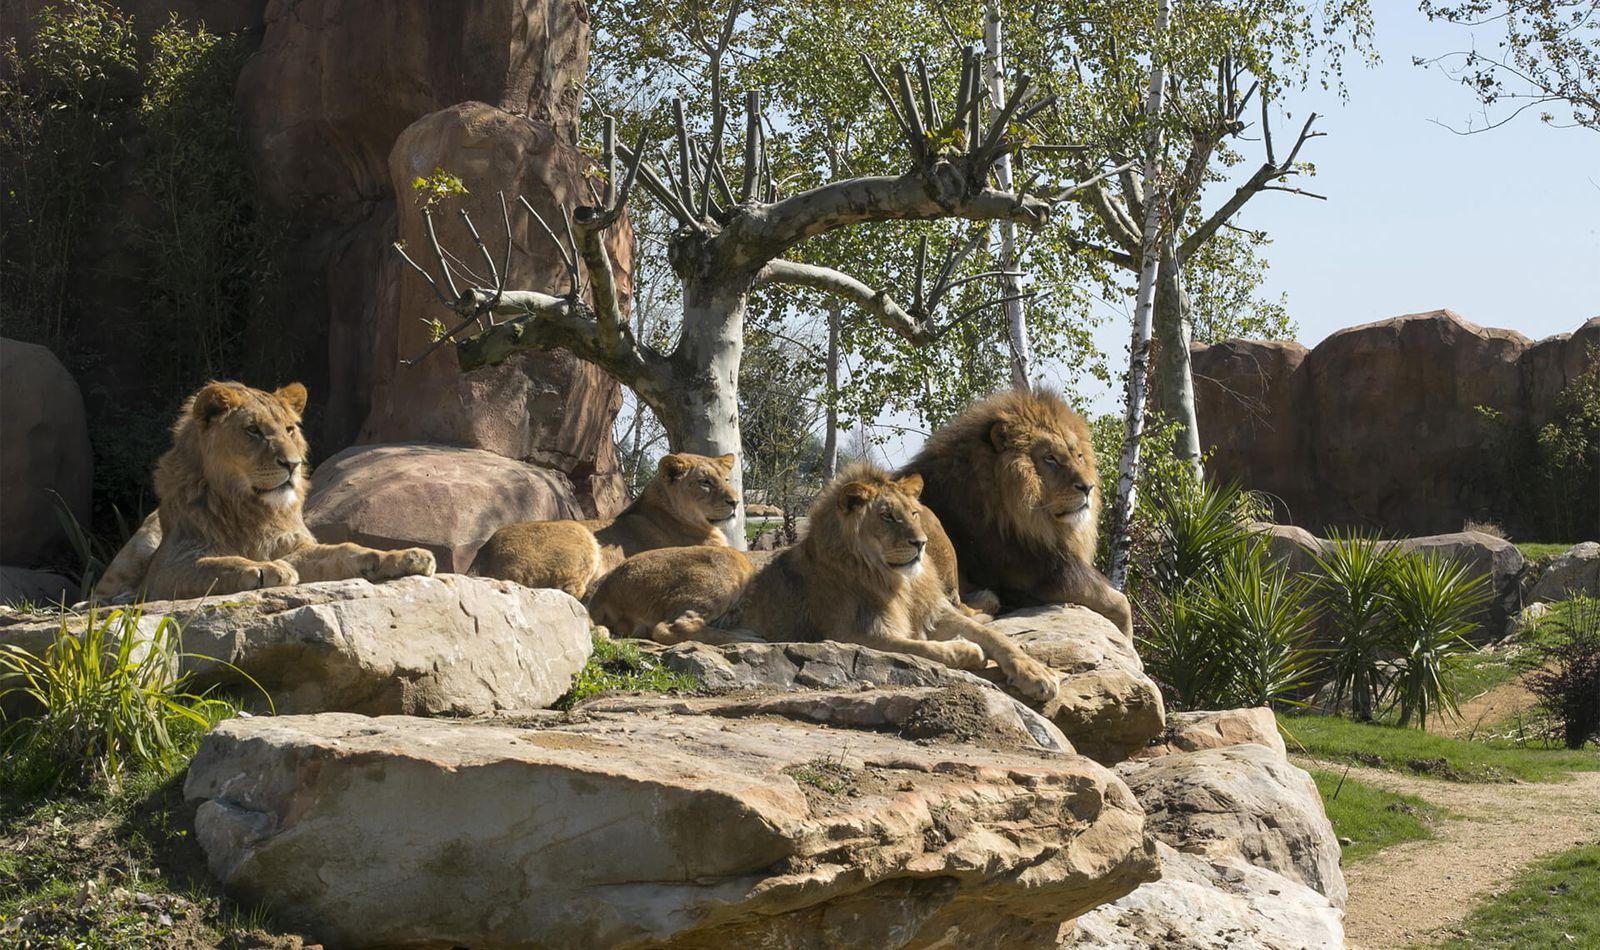 Lions d'Afrique - Animaux extraordinaires du ZooParc de Beauval